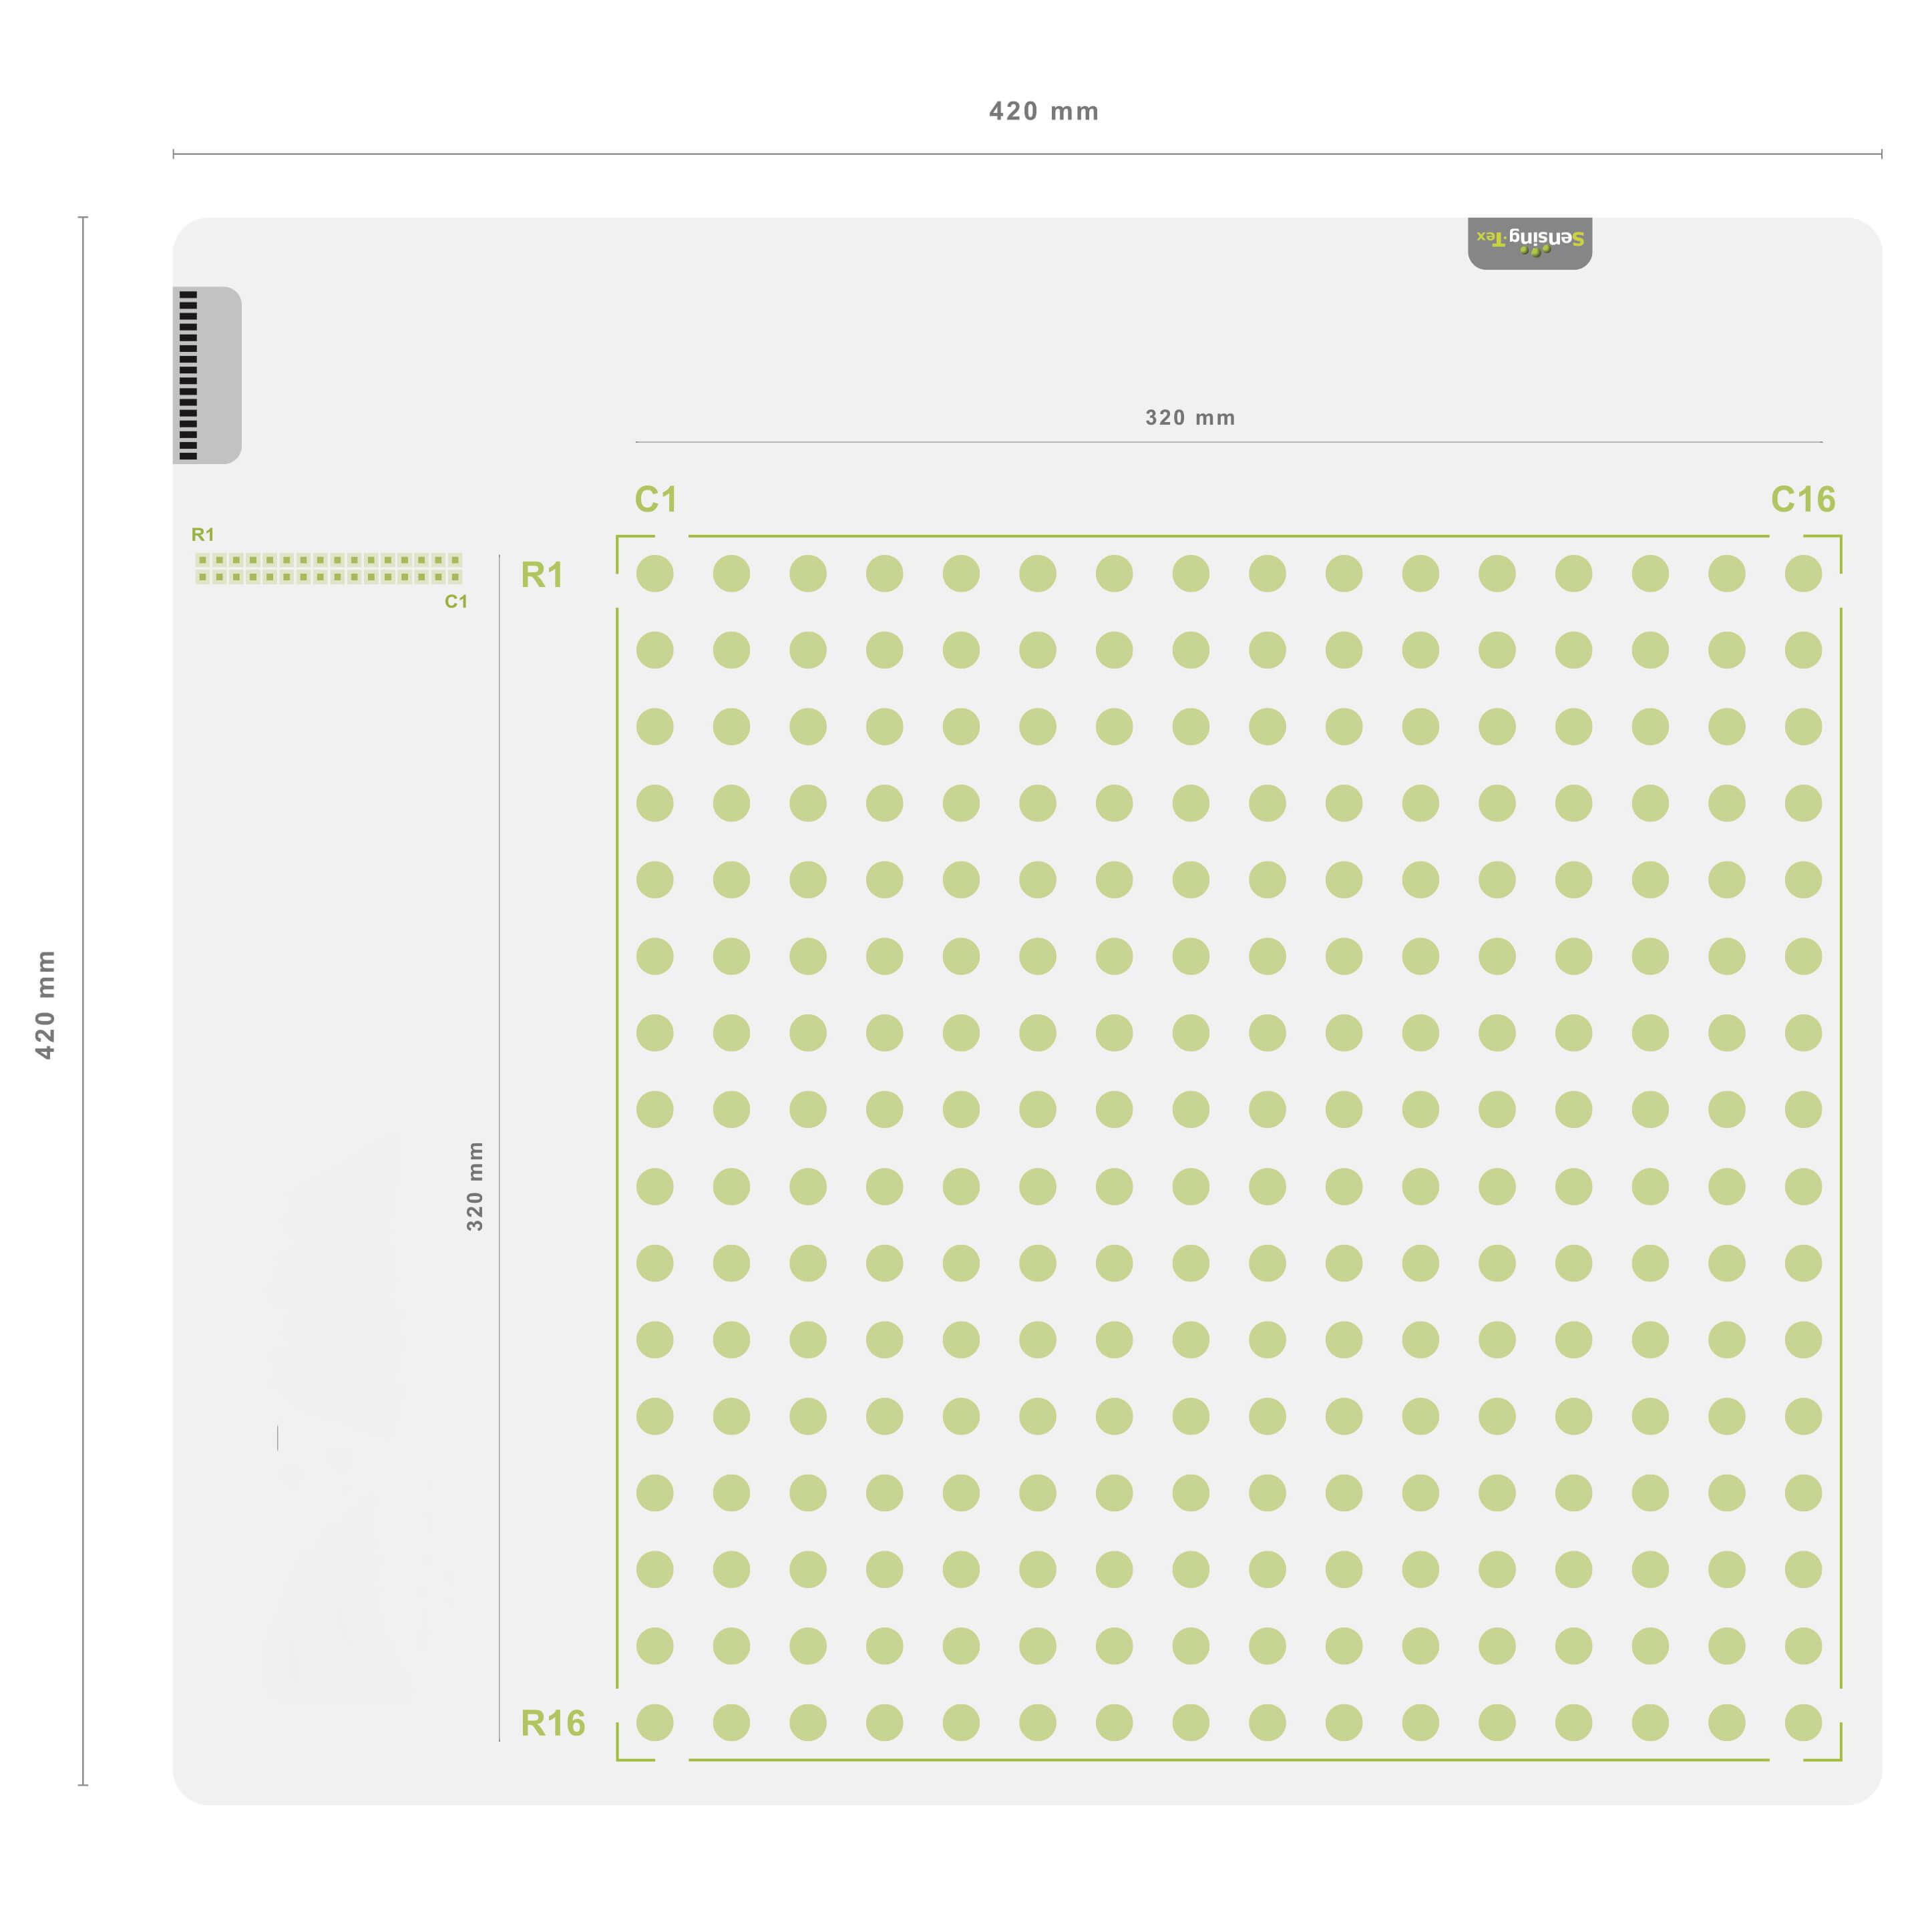 Seating Mat Dev Kit